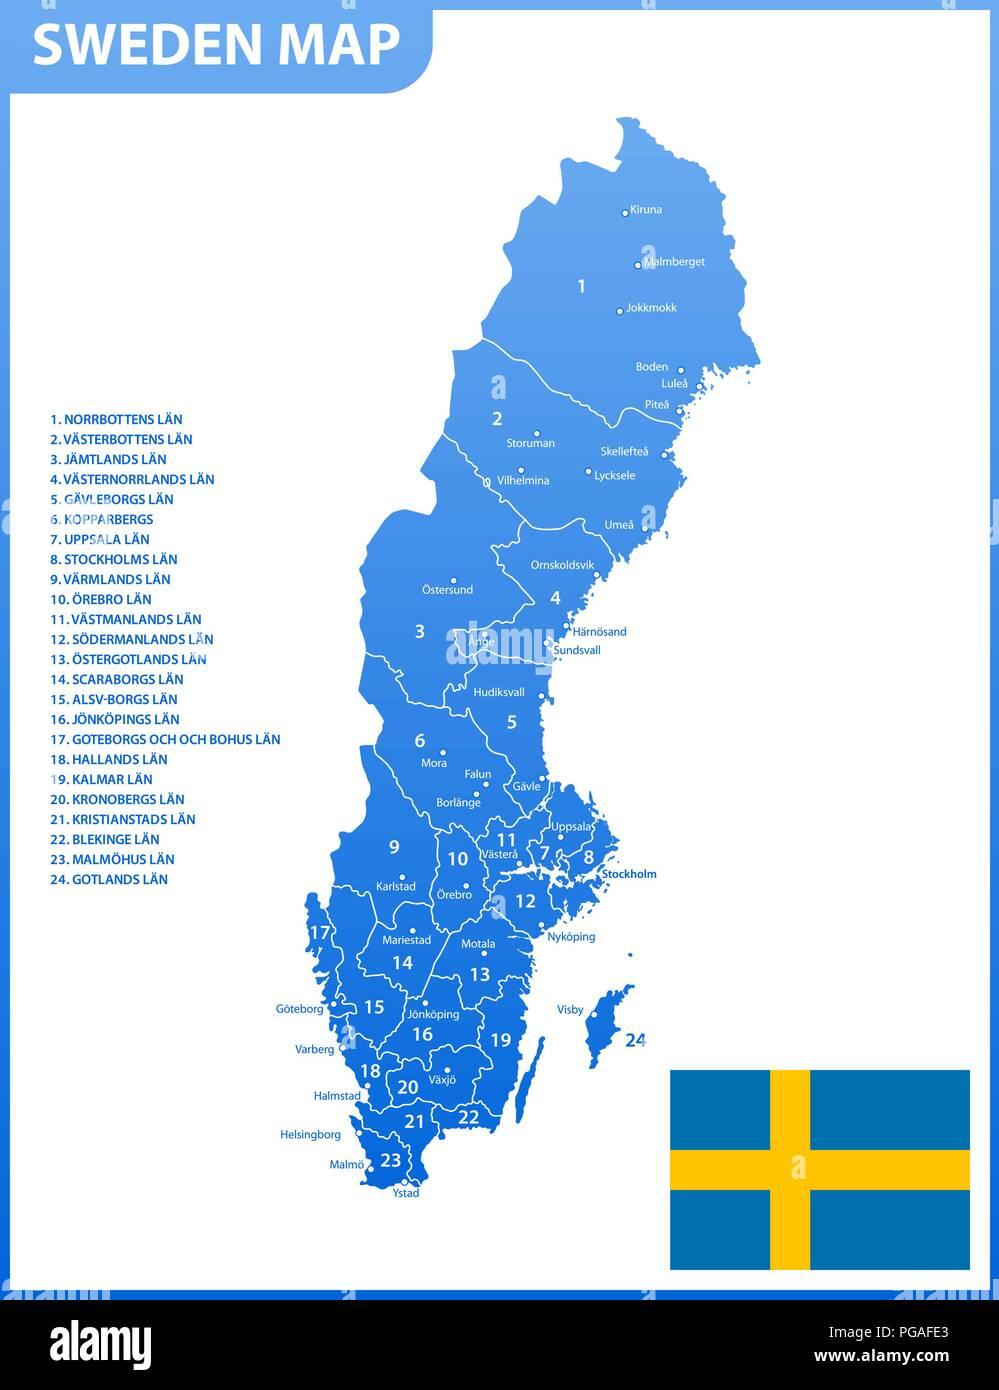 Schweden Karte Regionen.Die Detaillierte Karte Von Schweden Mit Regionen Oder